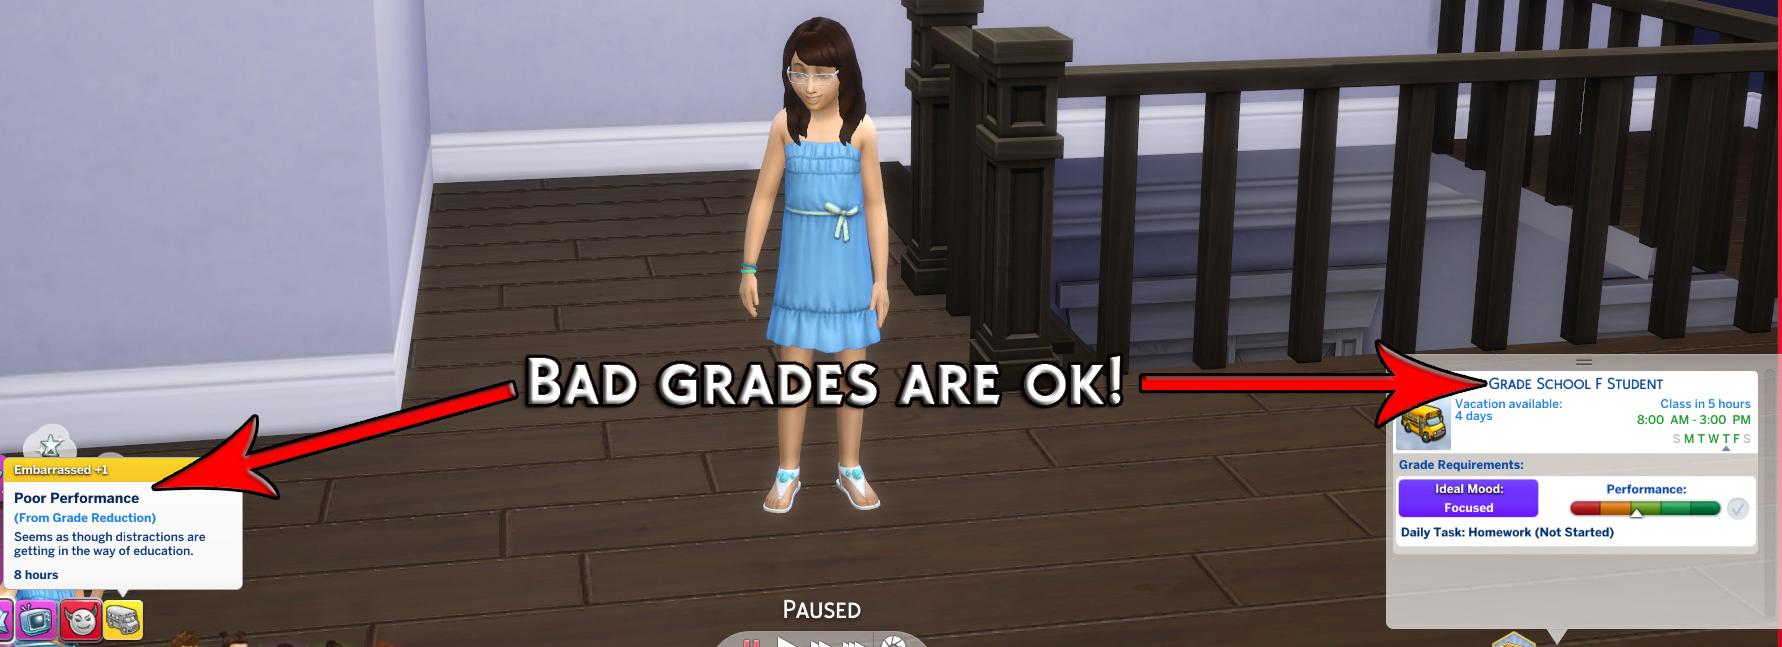 bad grades are ok picture.jpg